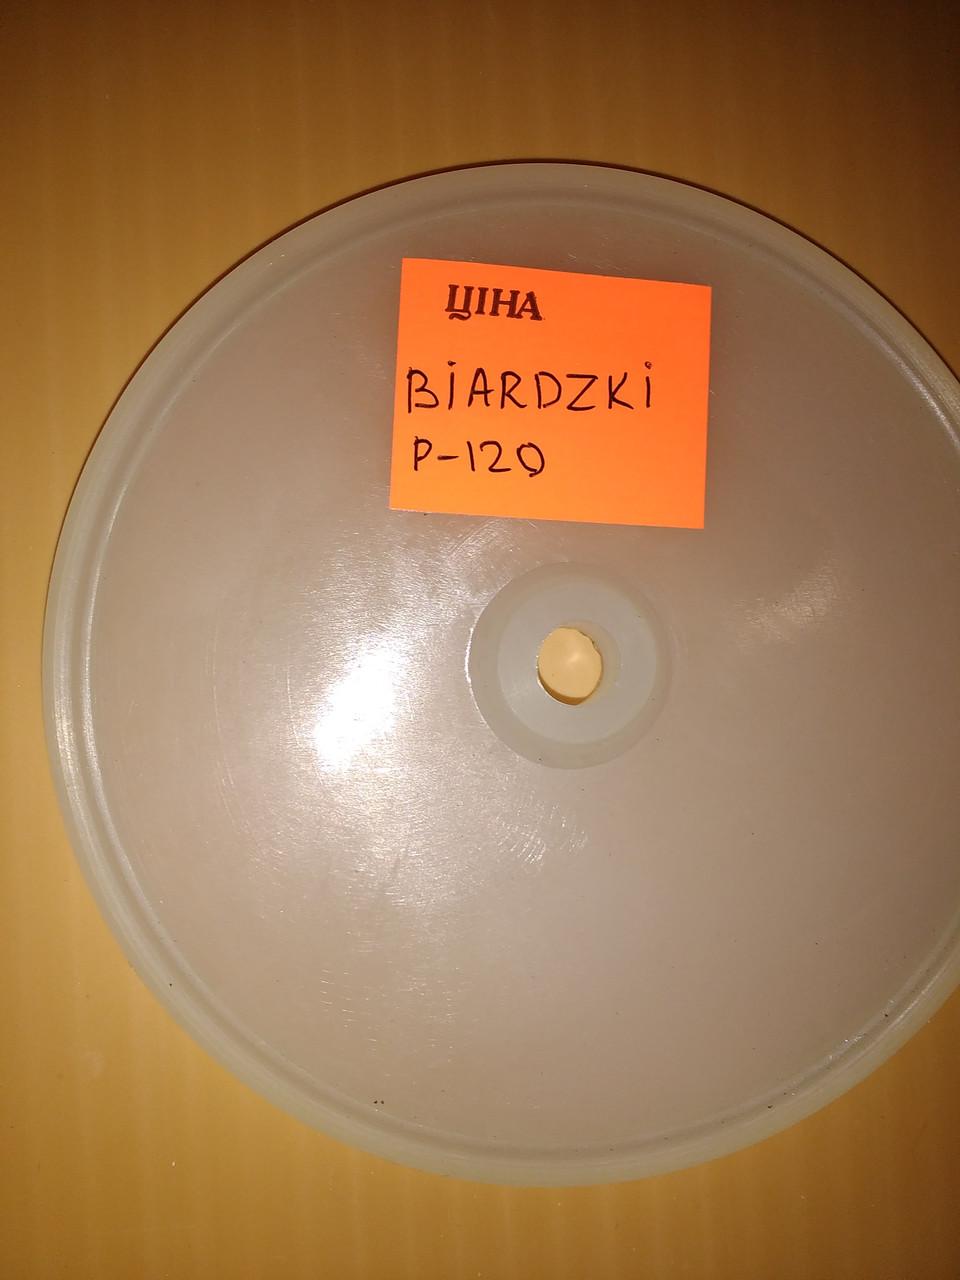 Мембраны на польские  насосы Р-120 BIARDZKI для навесных, полевых опрыскивателей